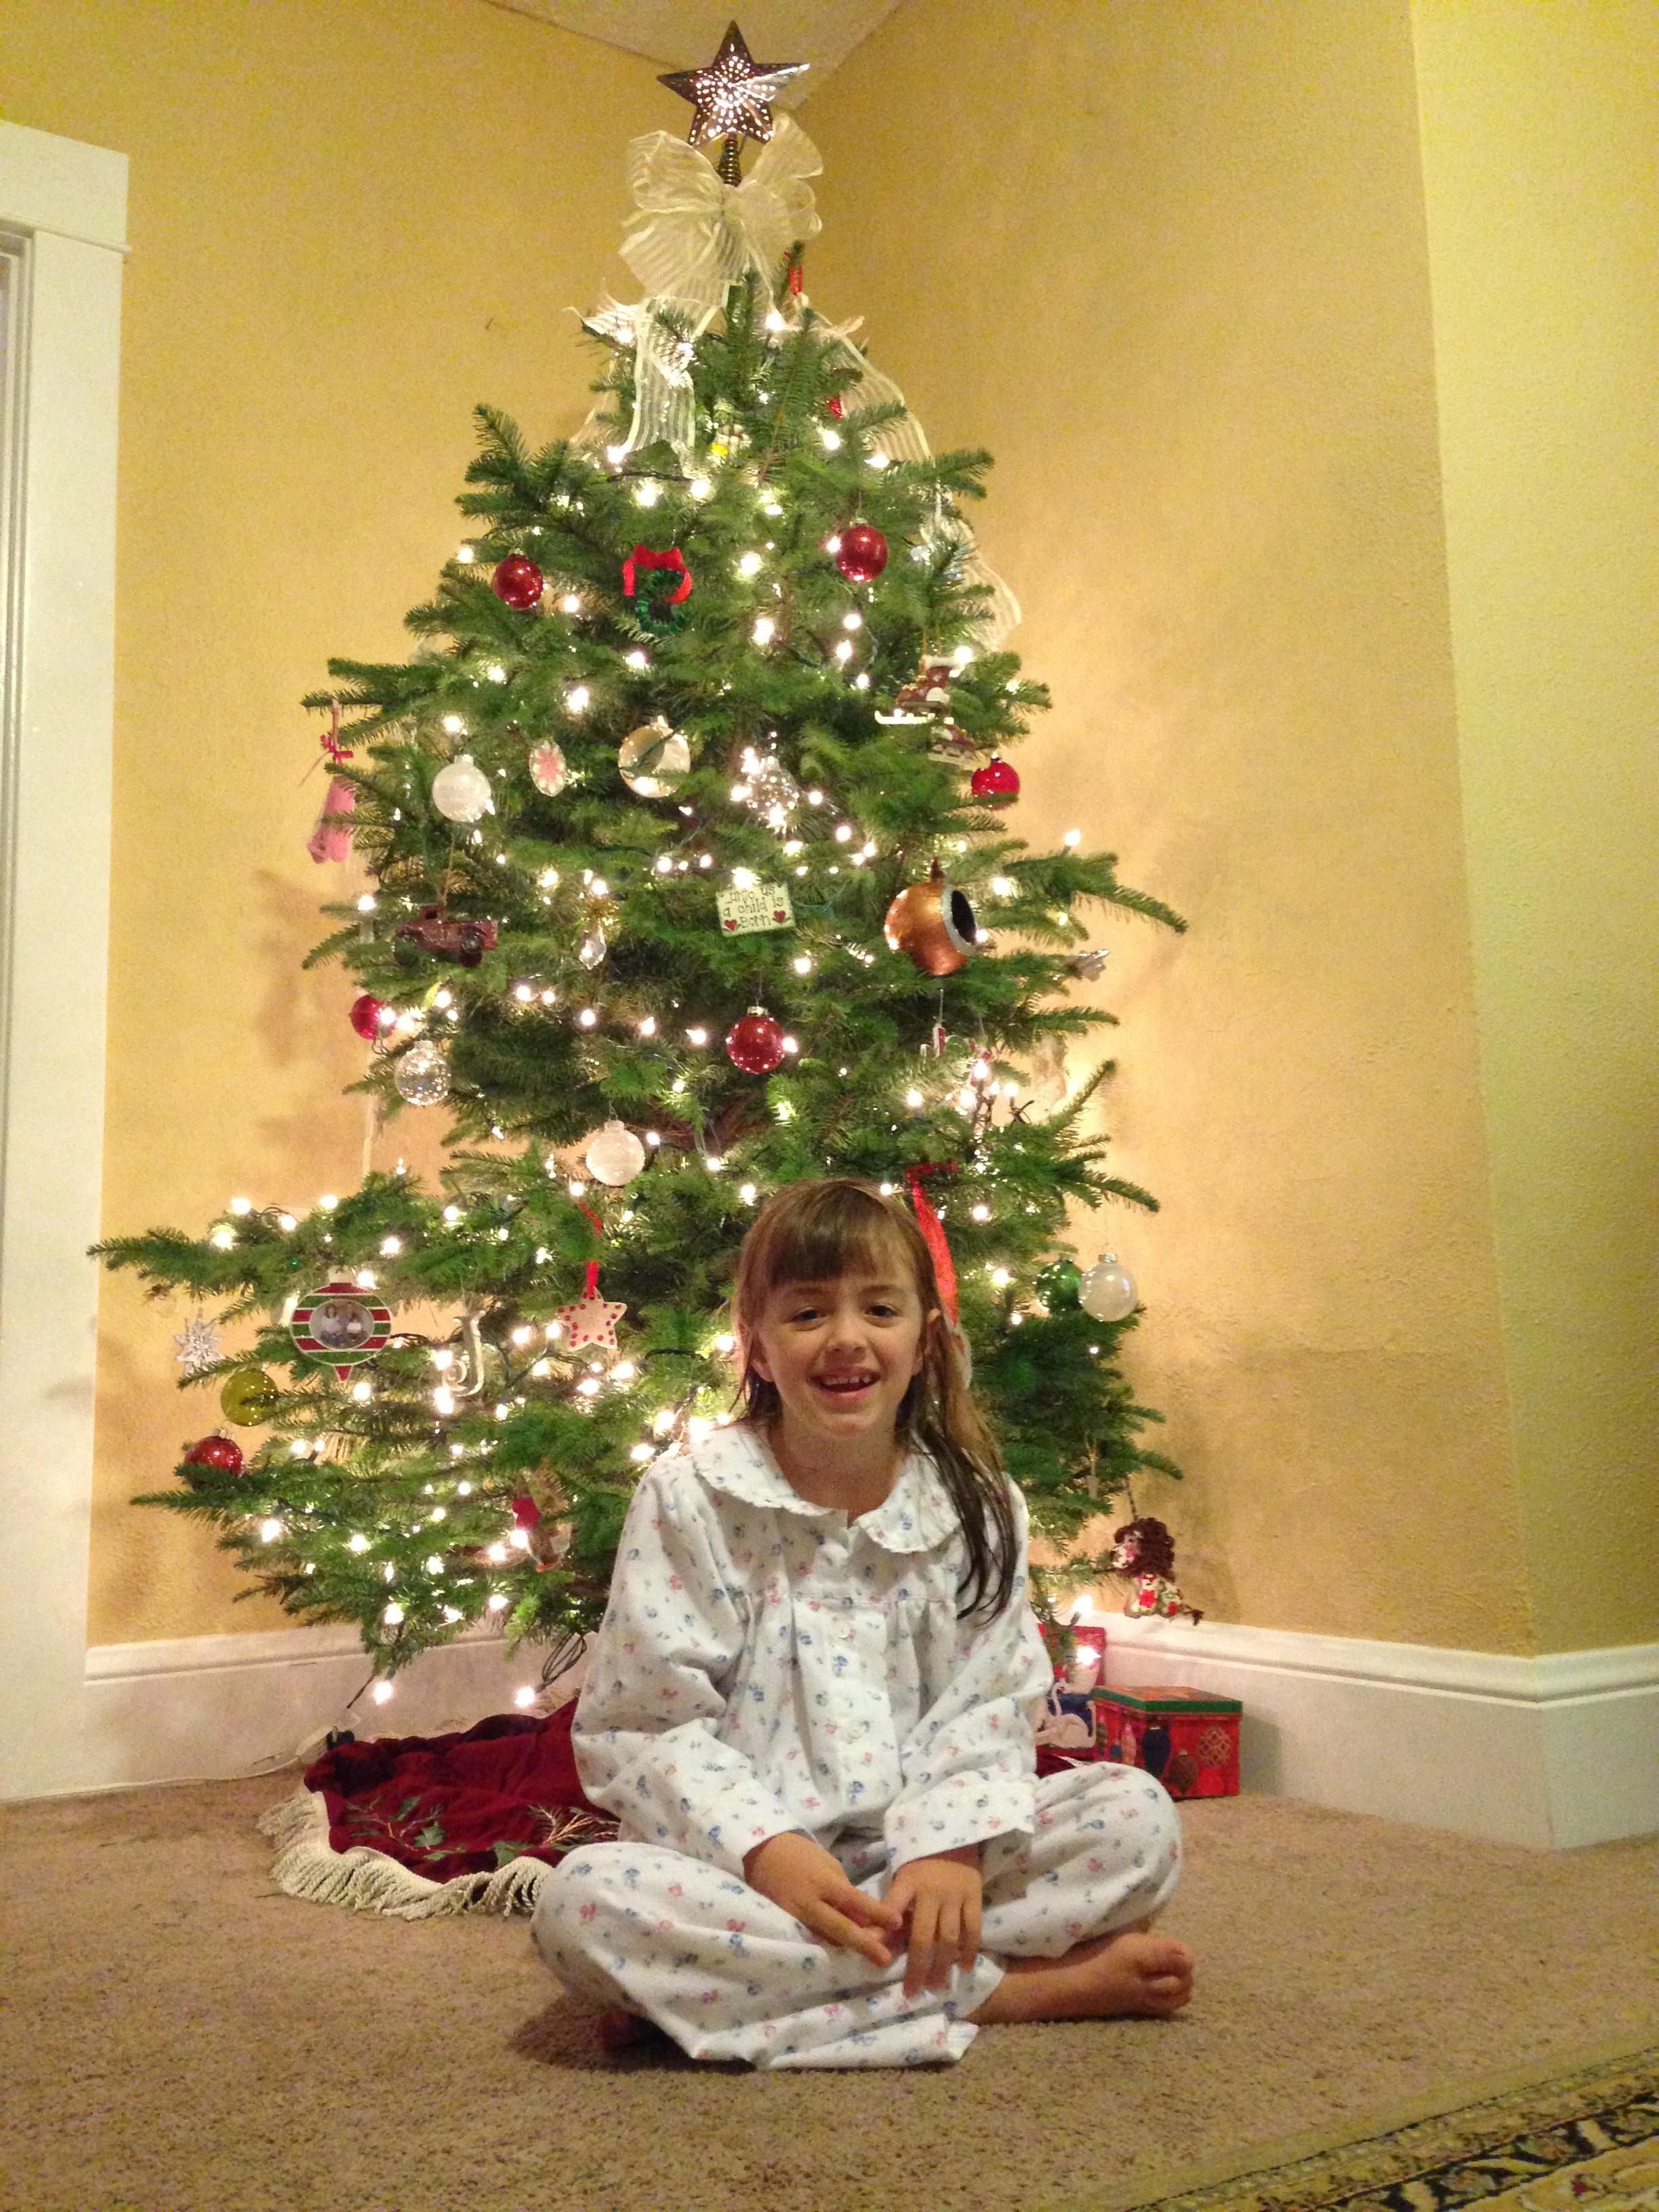 jenna in pjs by tree